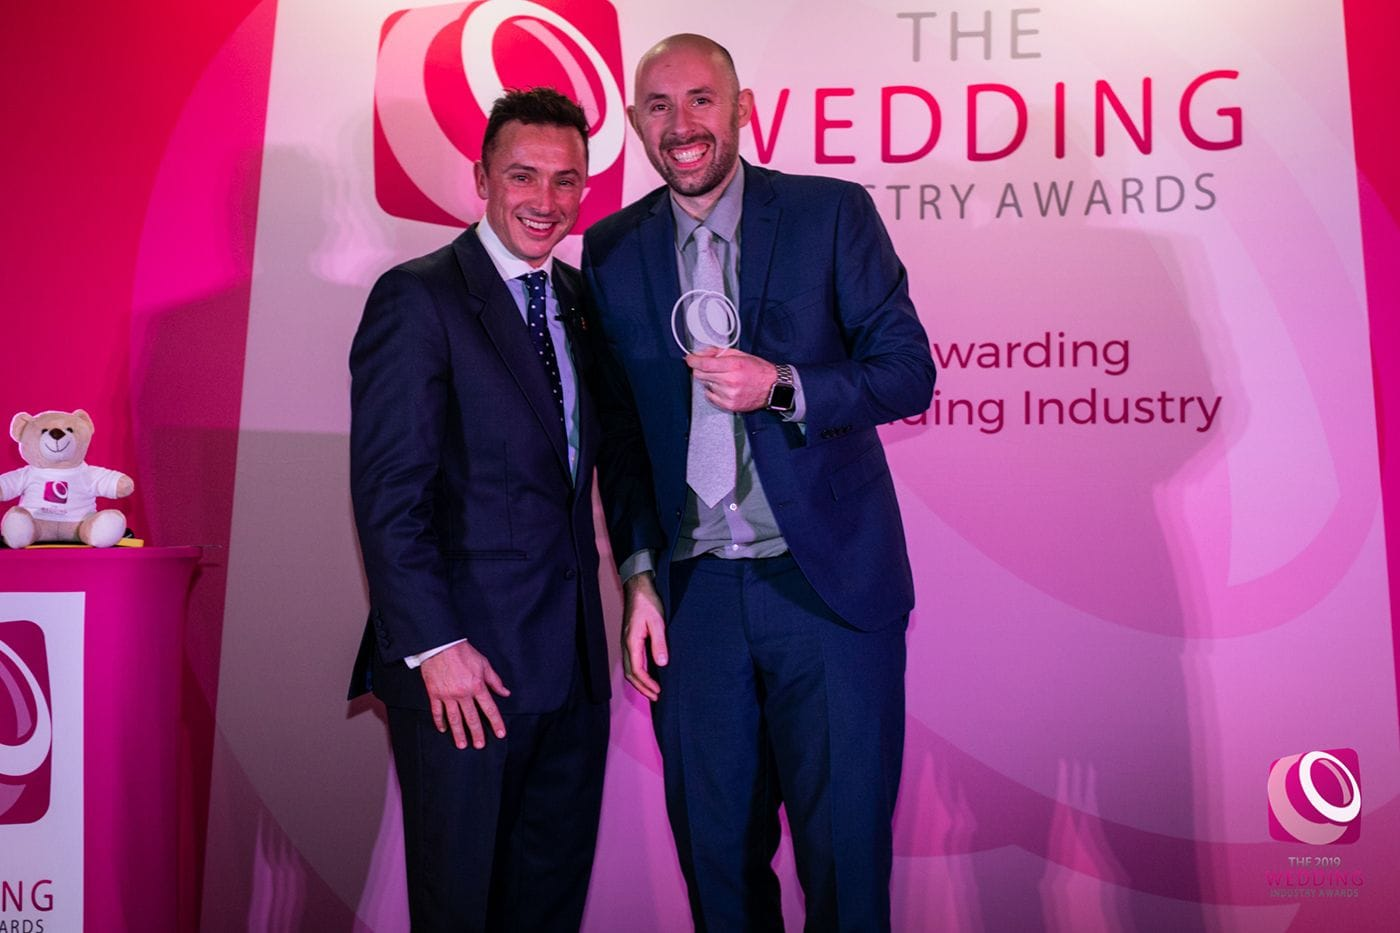 Best Suffolk Wedding Videographer Award